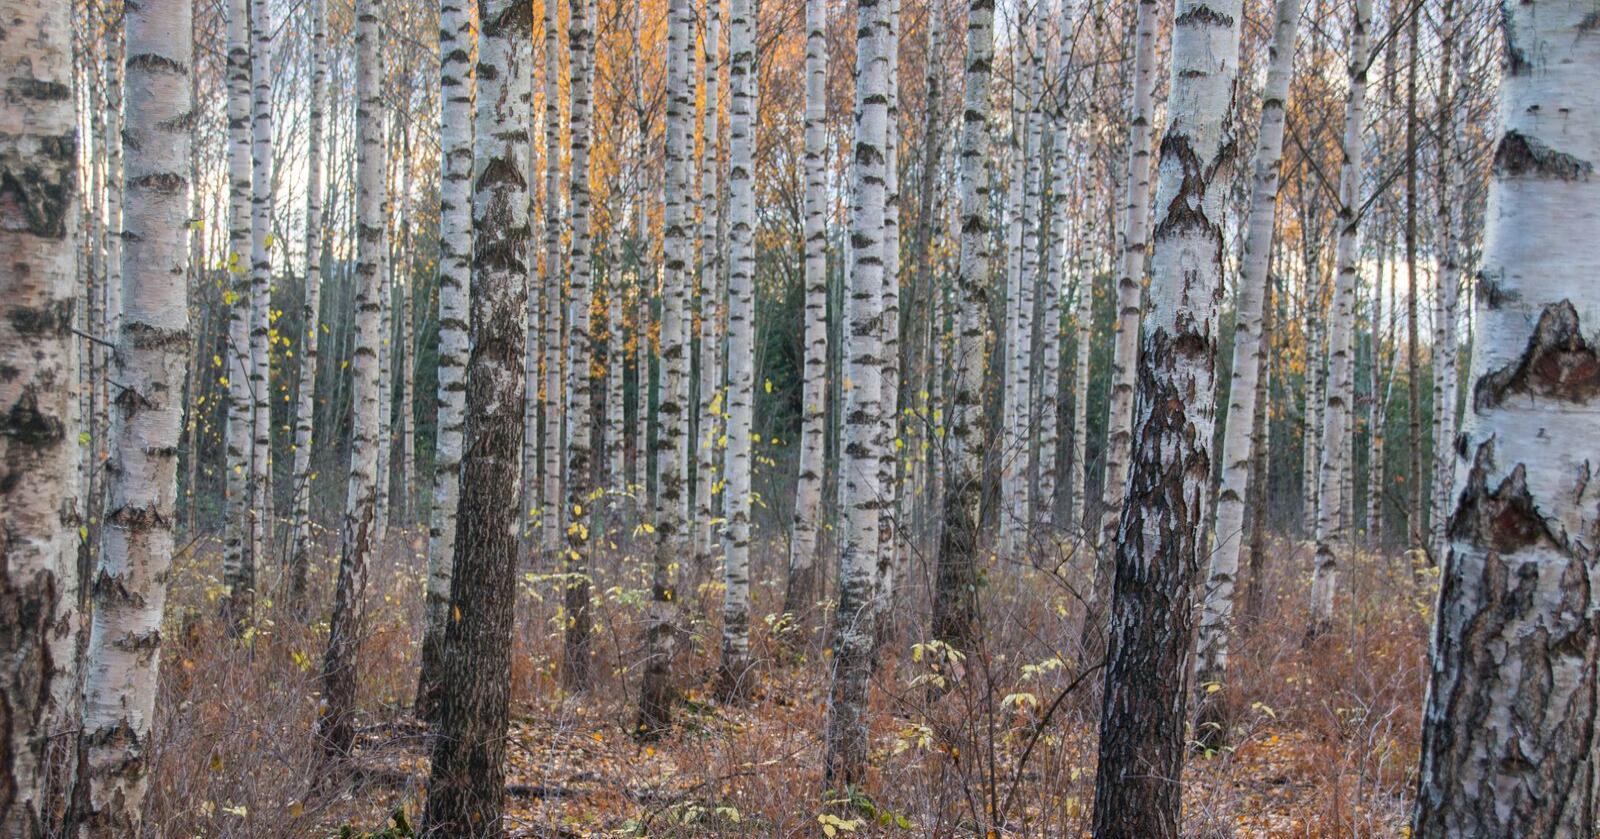 Av de vel 200 millioner kubikkmeter med bjørk som står i norske skoger i dag, går rundt 1,1 millioner kubikkmeter til ved og noen hundretusen kubikkmeter til videreforedling. Prisen for høykvalitets bjørketømmer til for eksempel tannstikkproduksjon er i dag rundt 800-1000 kroner per kubikkmeter.